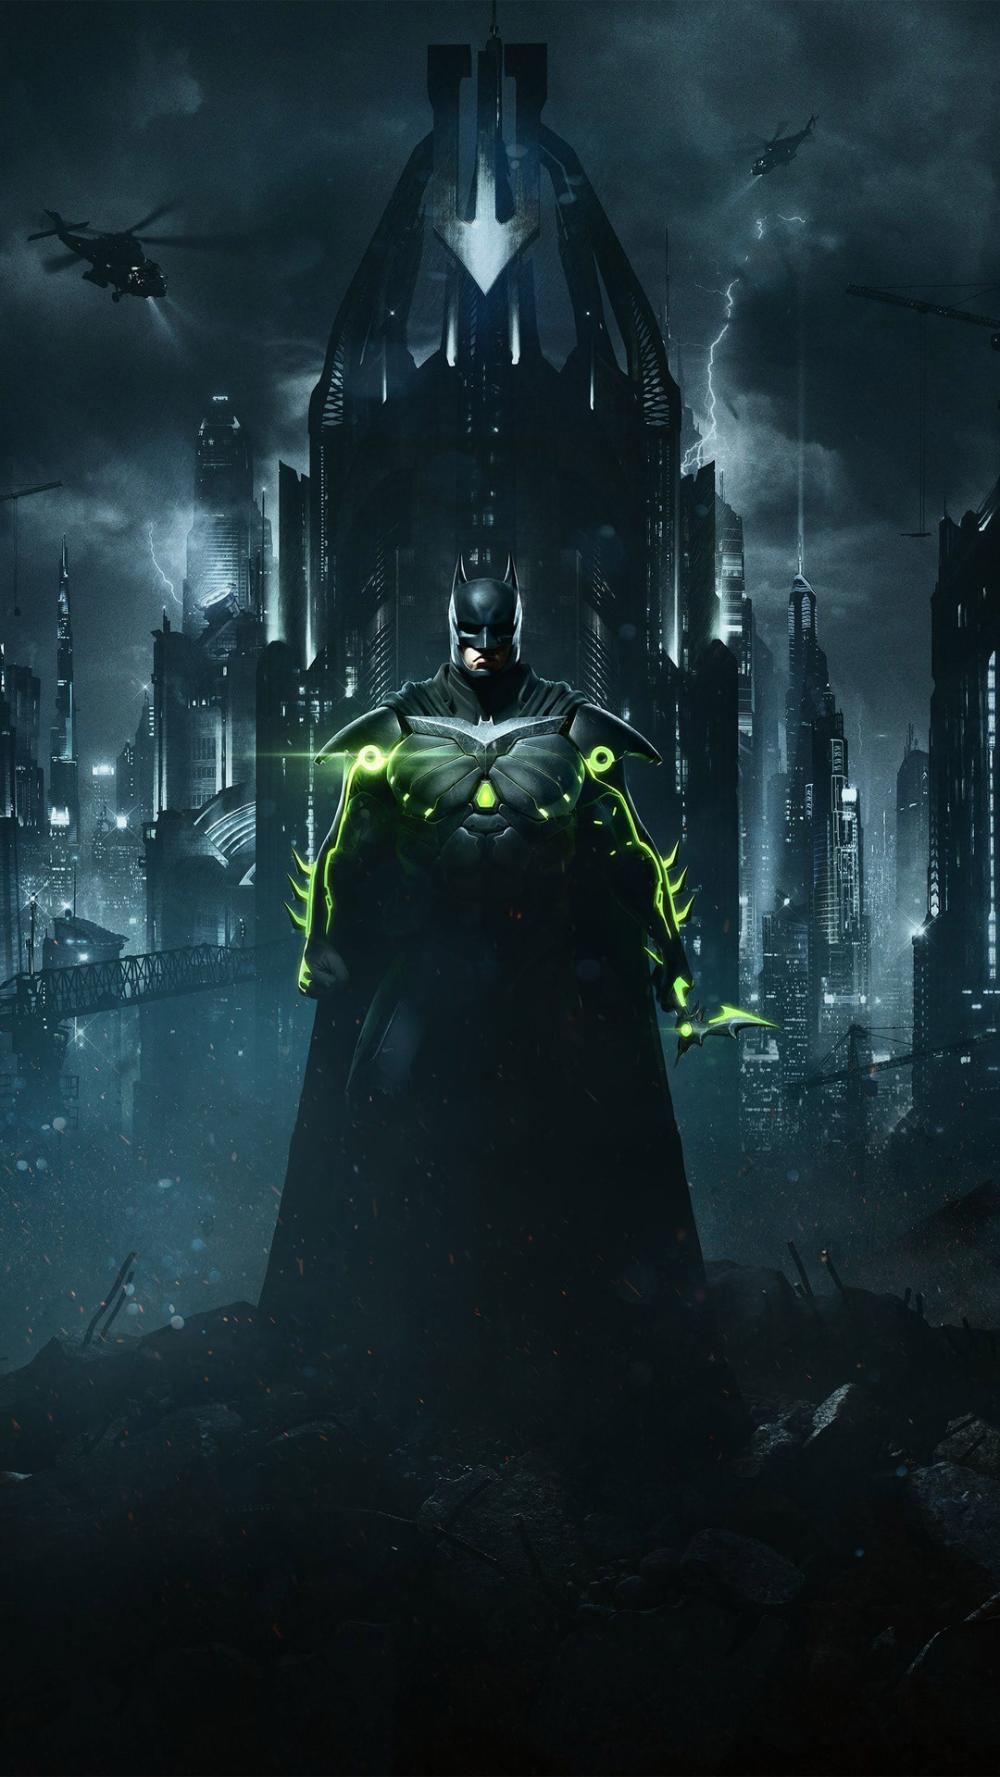 Pin by al hmzawy on hamza in 2020 Batman wallpaper